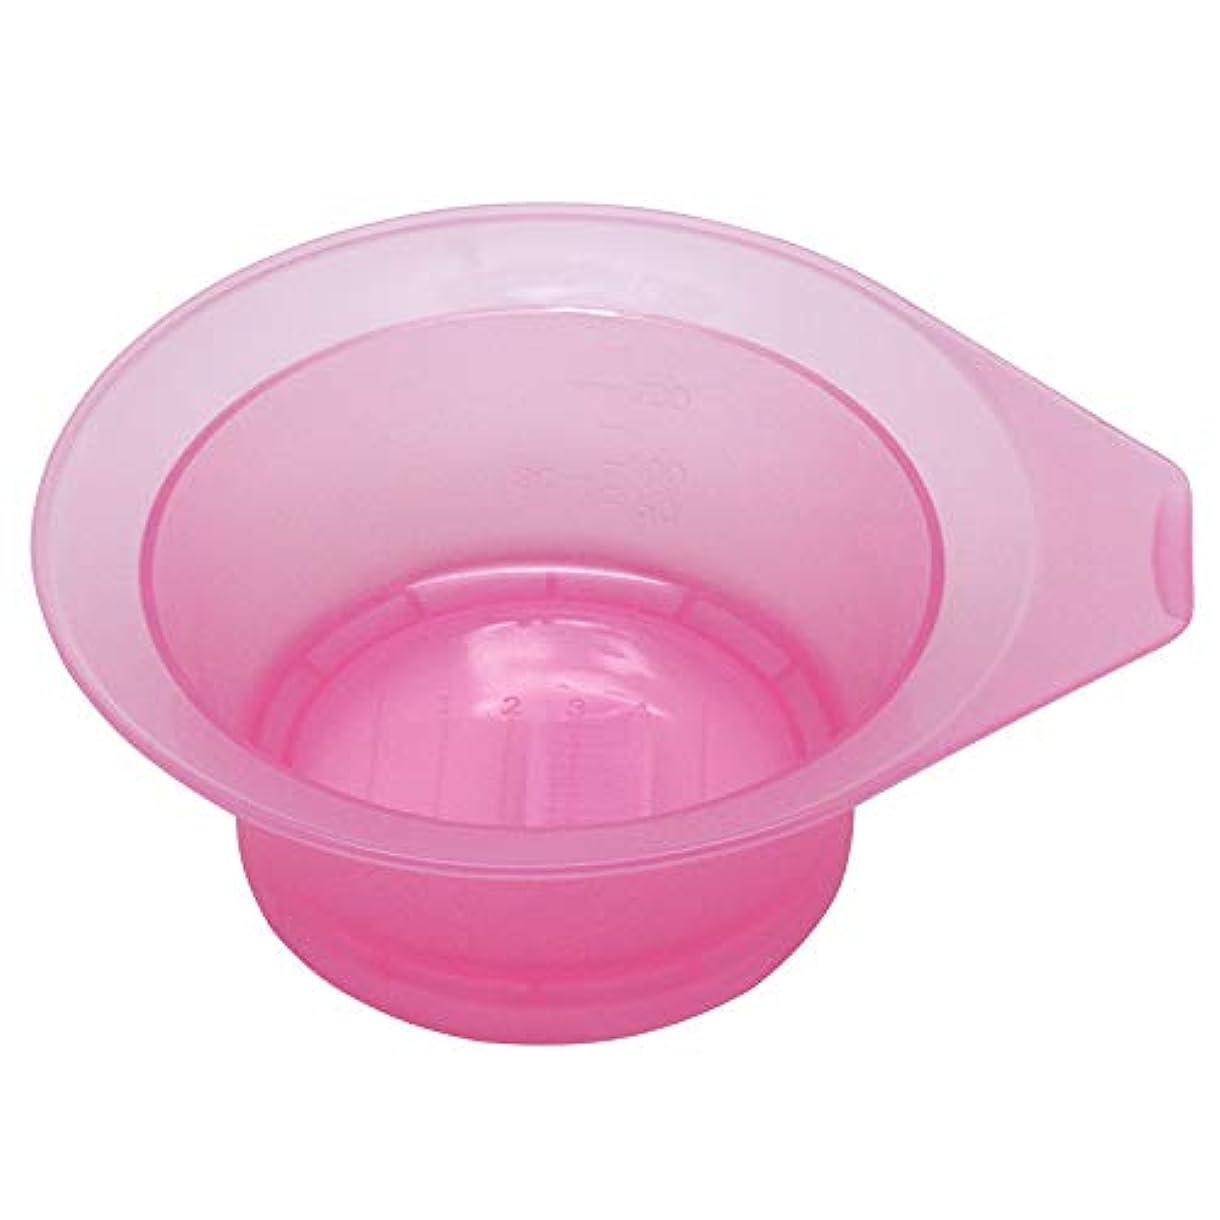 はげサラダワックストリコインダストリーズ アクアカップ:ピンク